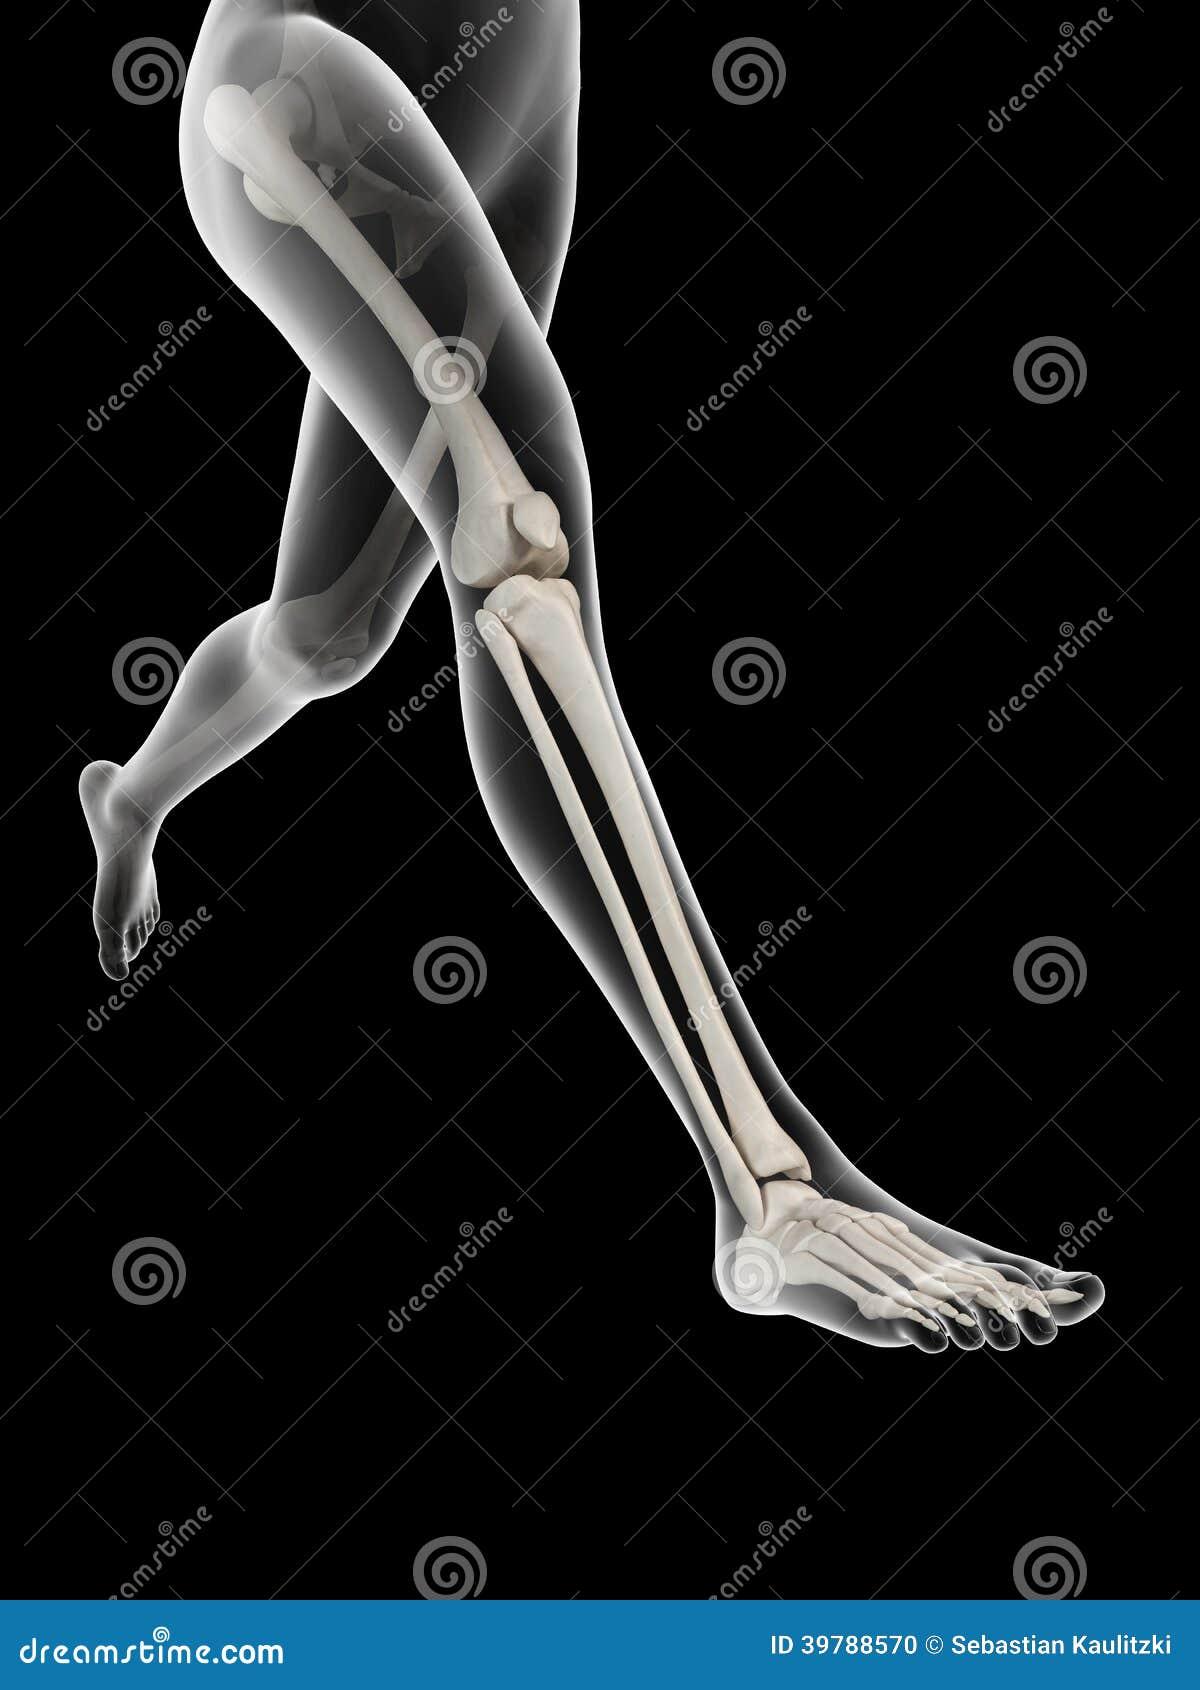 Anatomie der Beinknochen stock abbildung. Illustration von ...